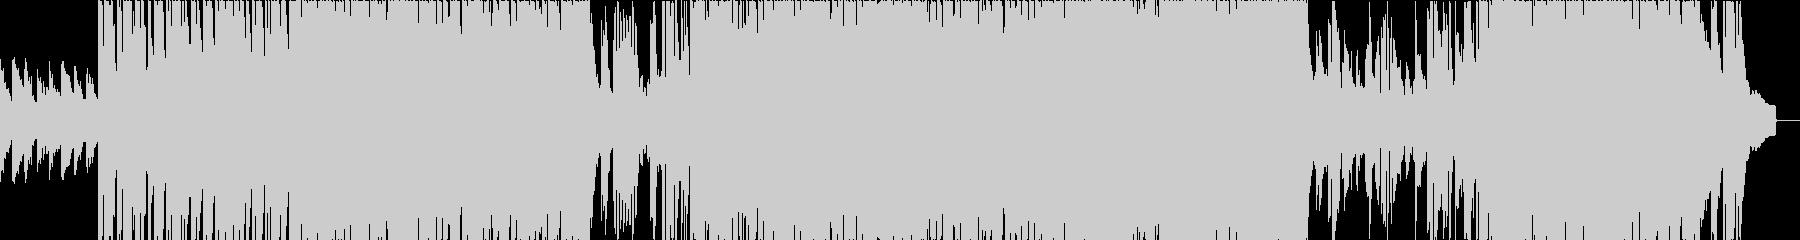 シンプルなバラード(英語)の未再生の波形